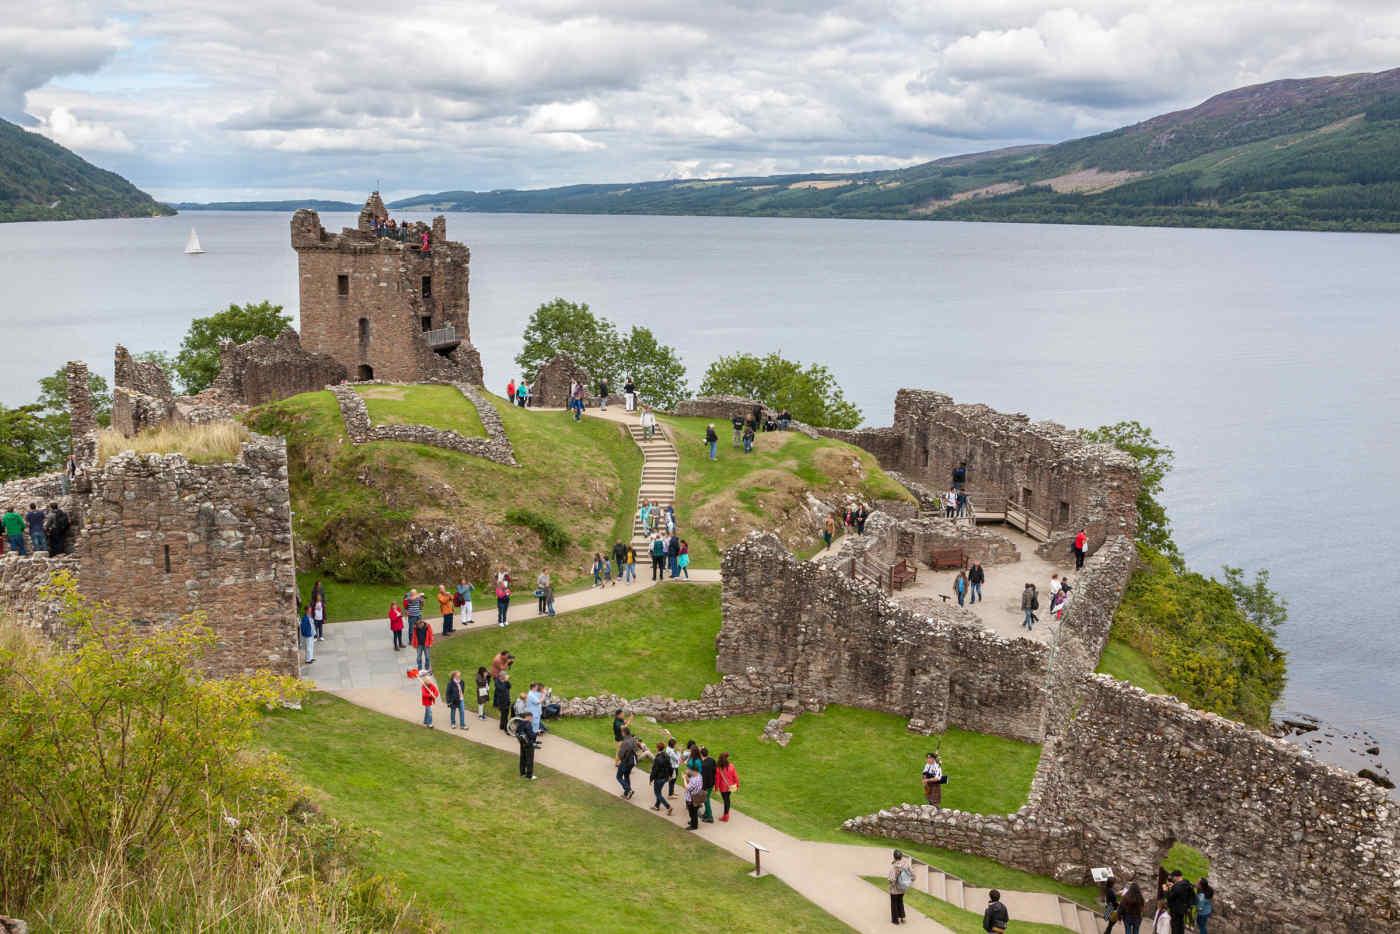 Urquhart Castle in Loch Ness, Scotland